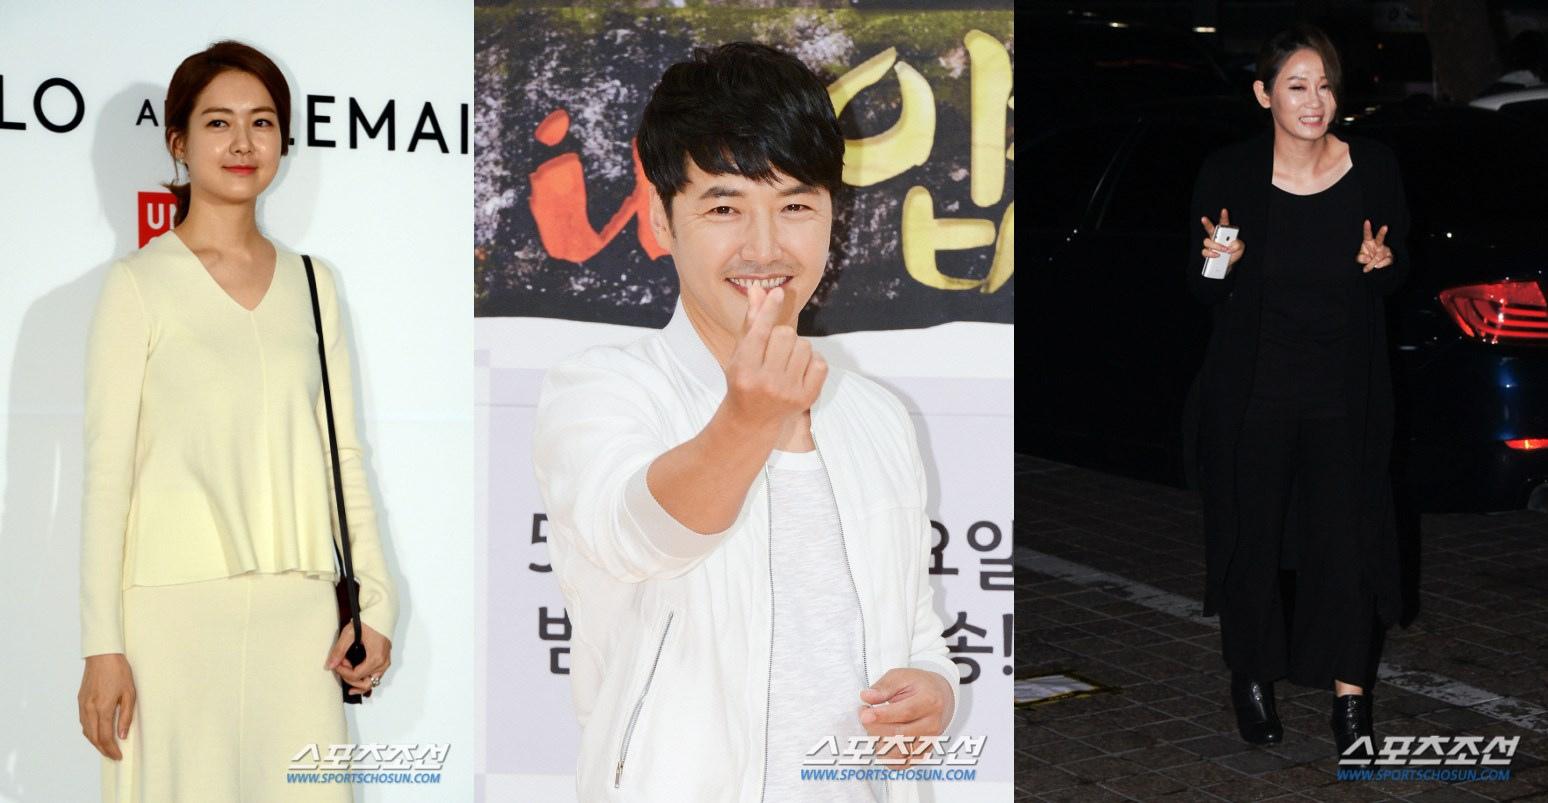 李枖原尹相鉉出演JTBC新劇 明日參與台詞排練